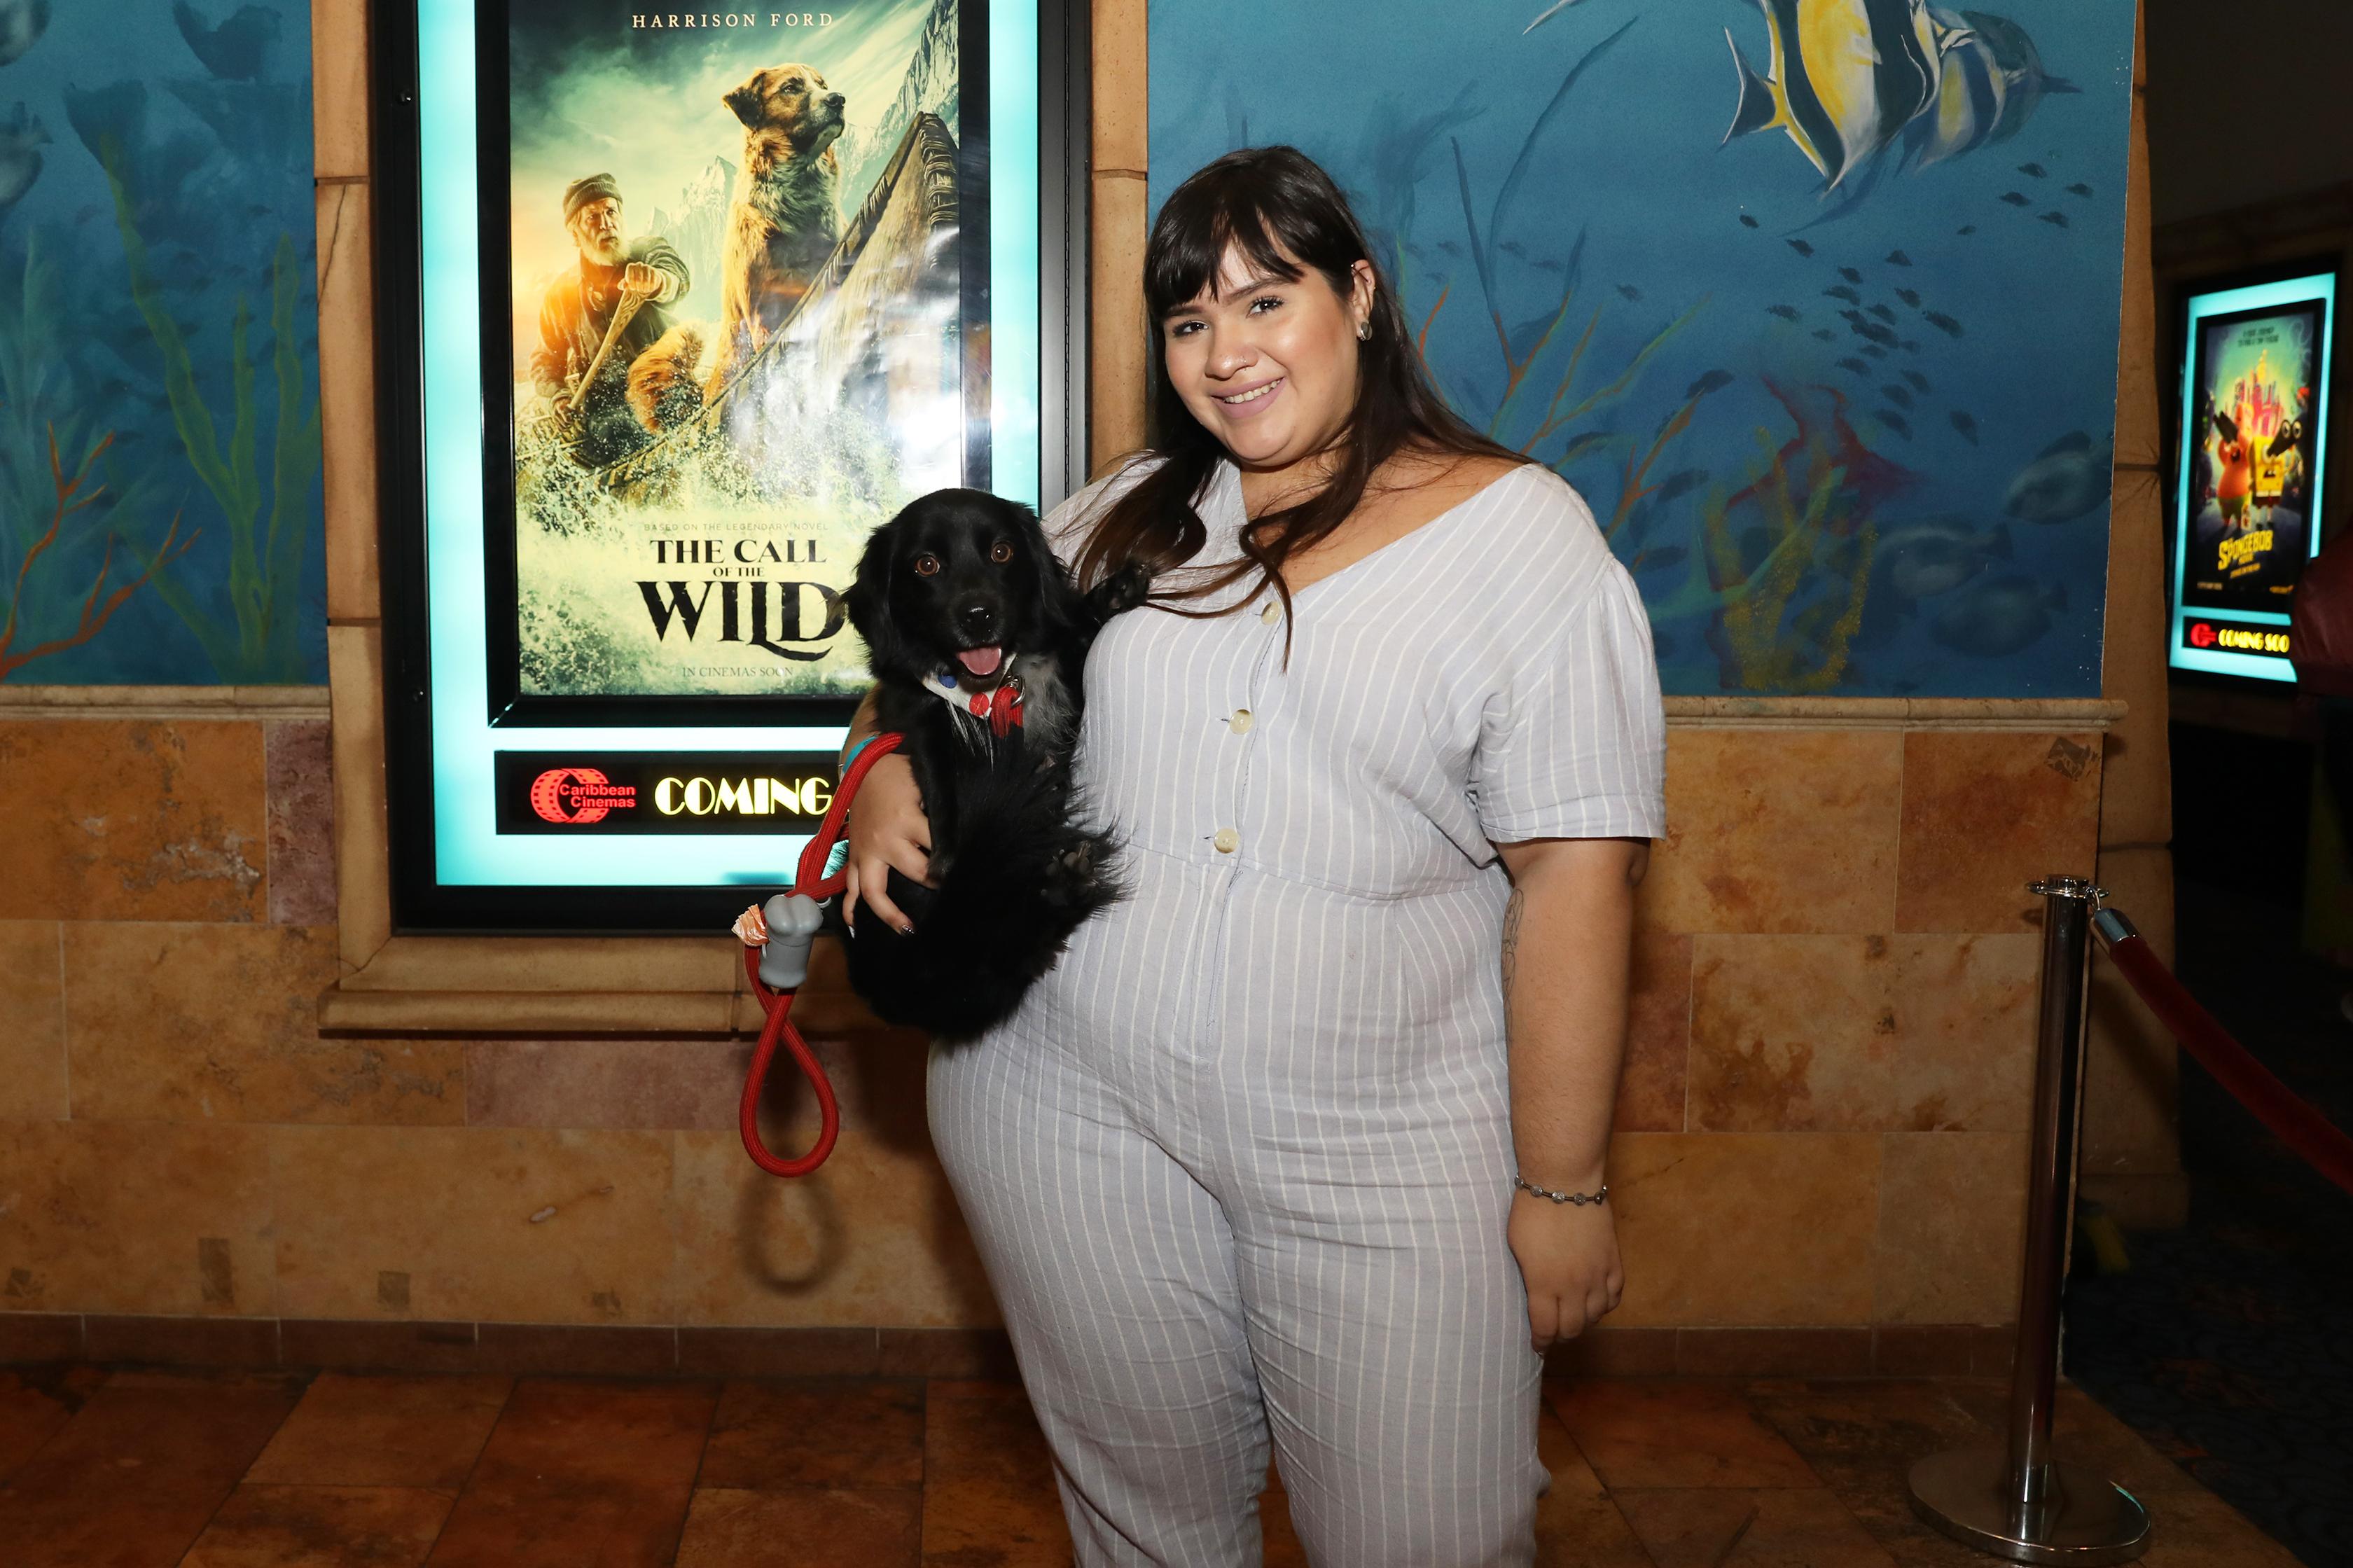 Junto con sus dueños, diversos perros de servicio desfilaron por la alfombra roja del estreno del filme The Call of the Wild. (Suministrada)